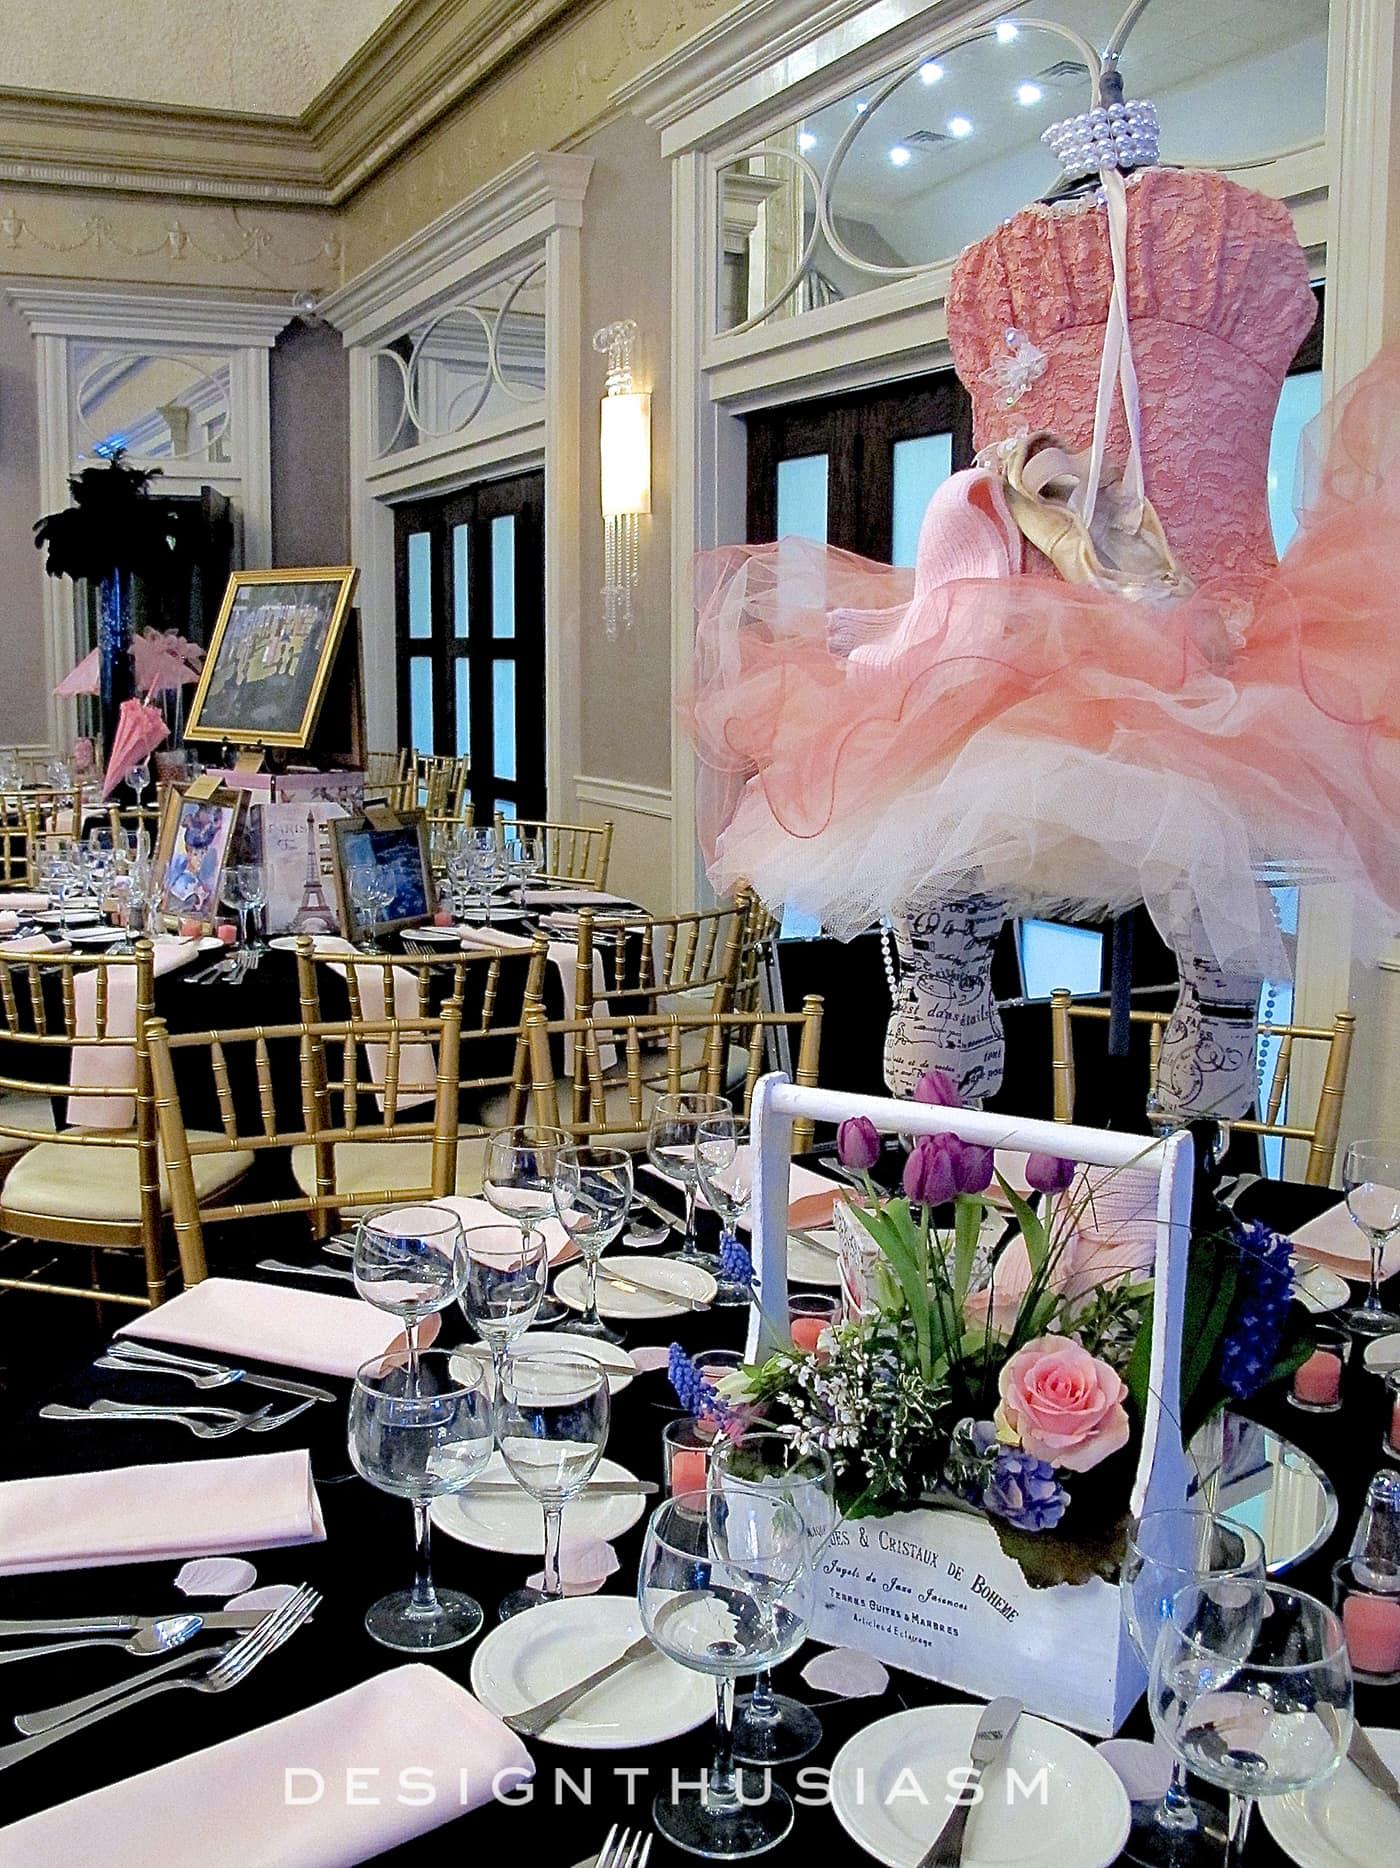 April in Paris Centerpieces - Designthusiasm.com